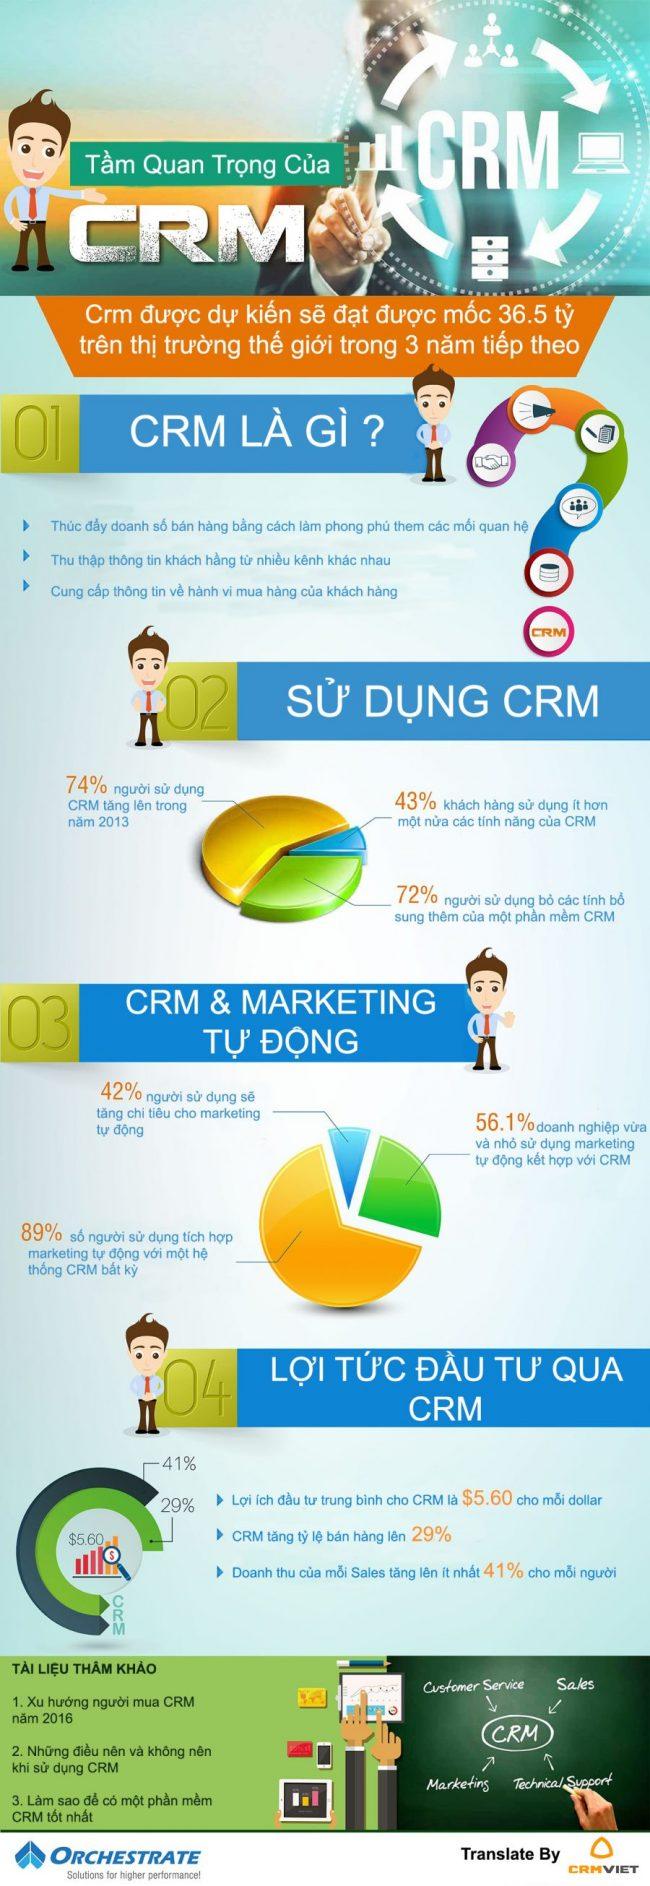 tầm quan trọng của CRM đối với các doanh nghiệp